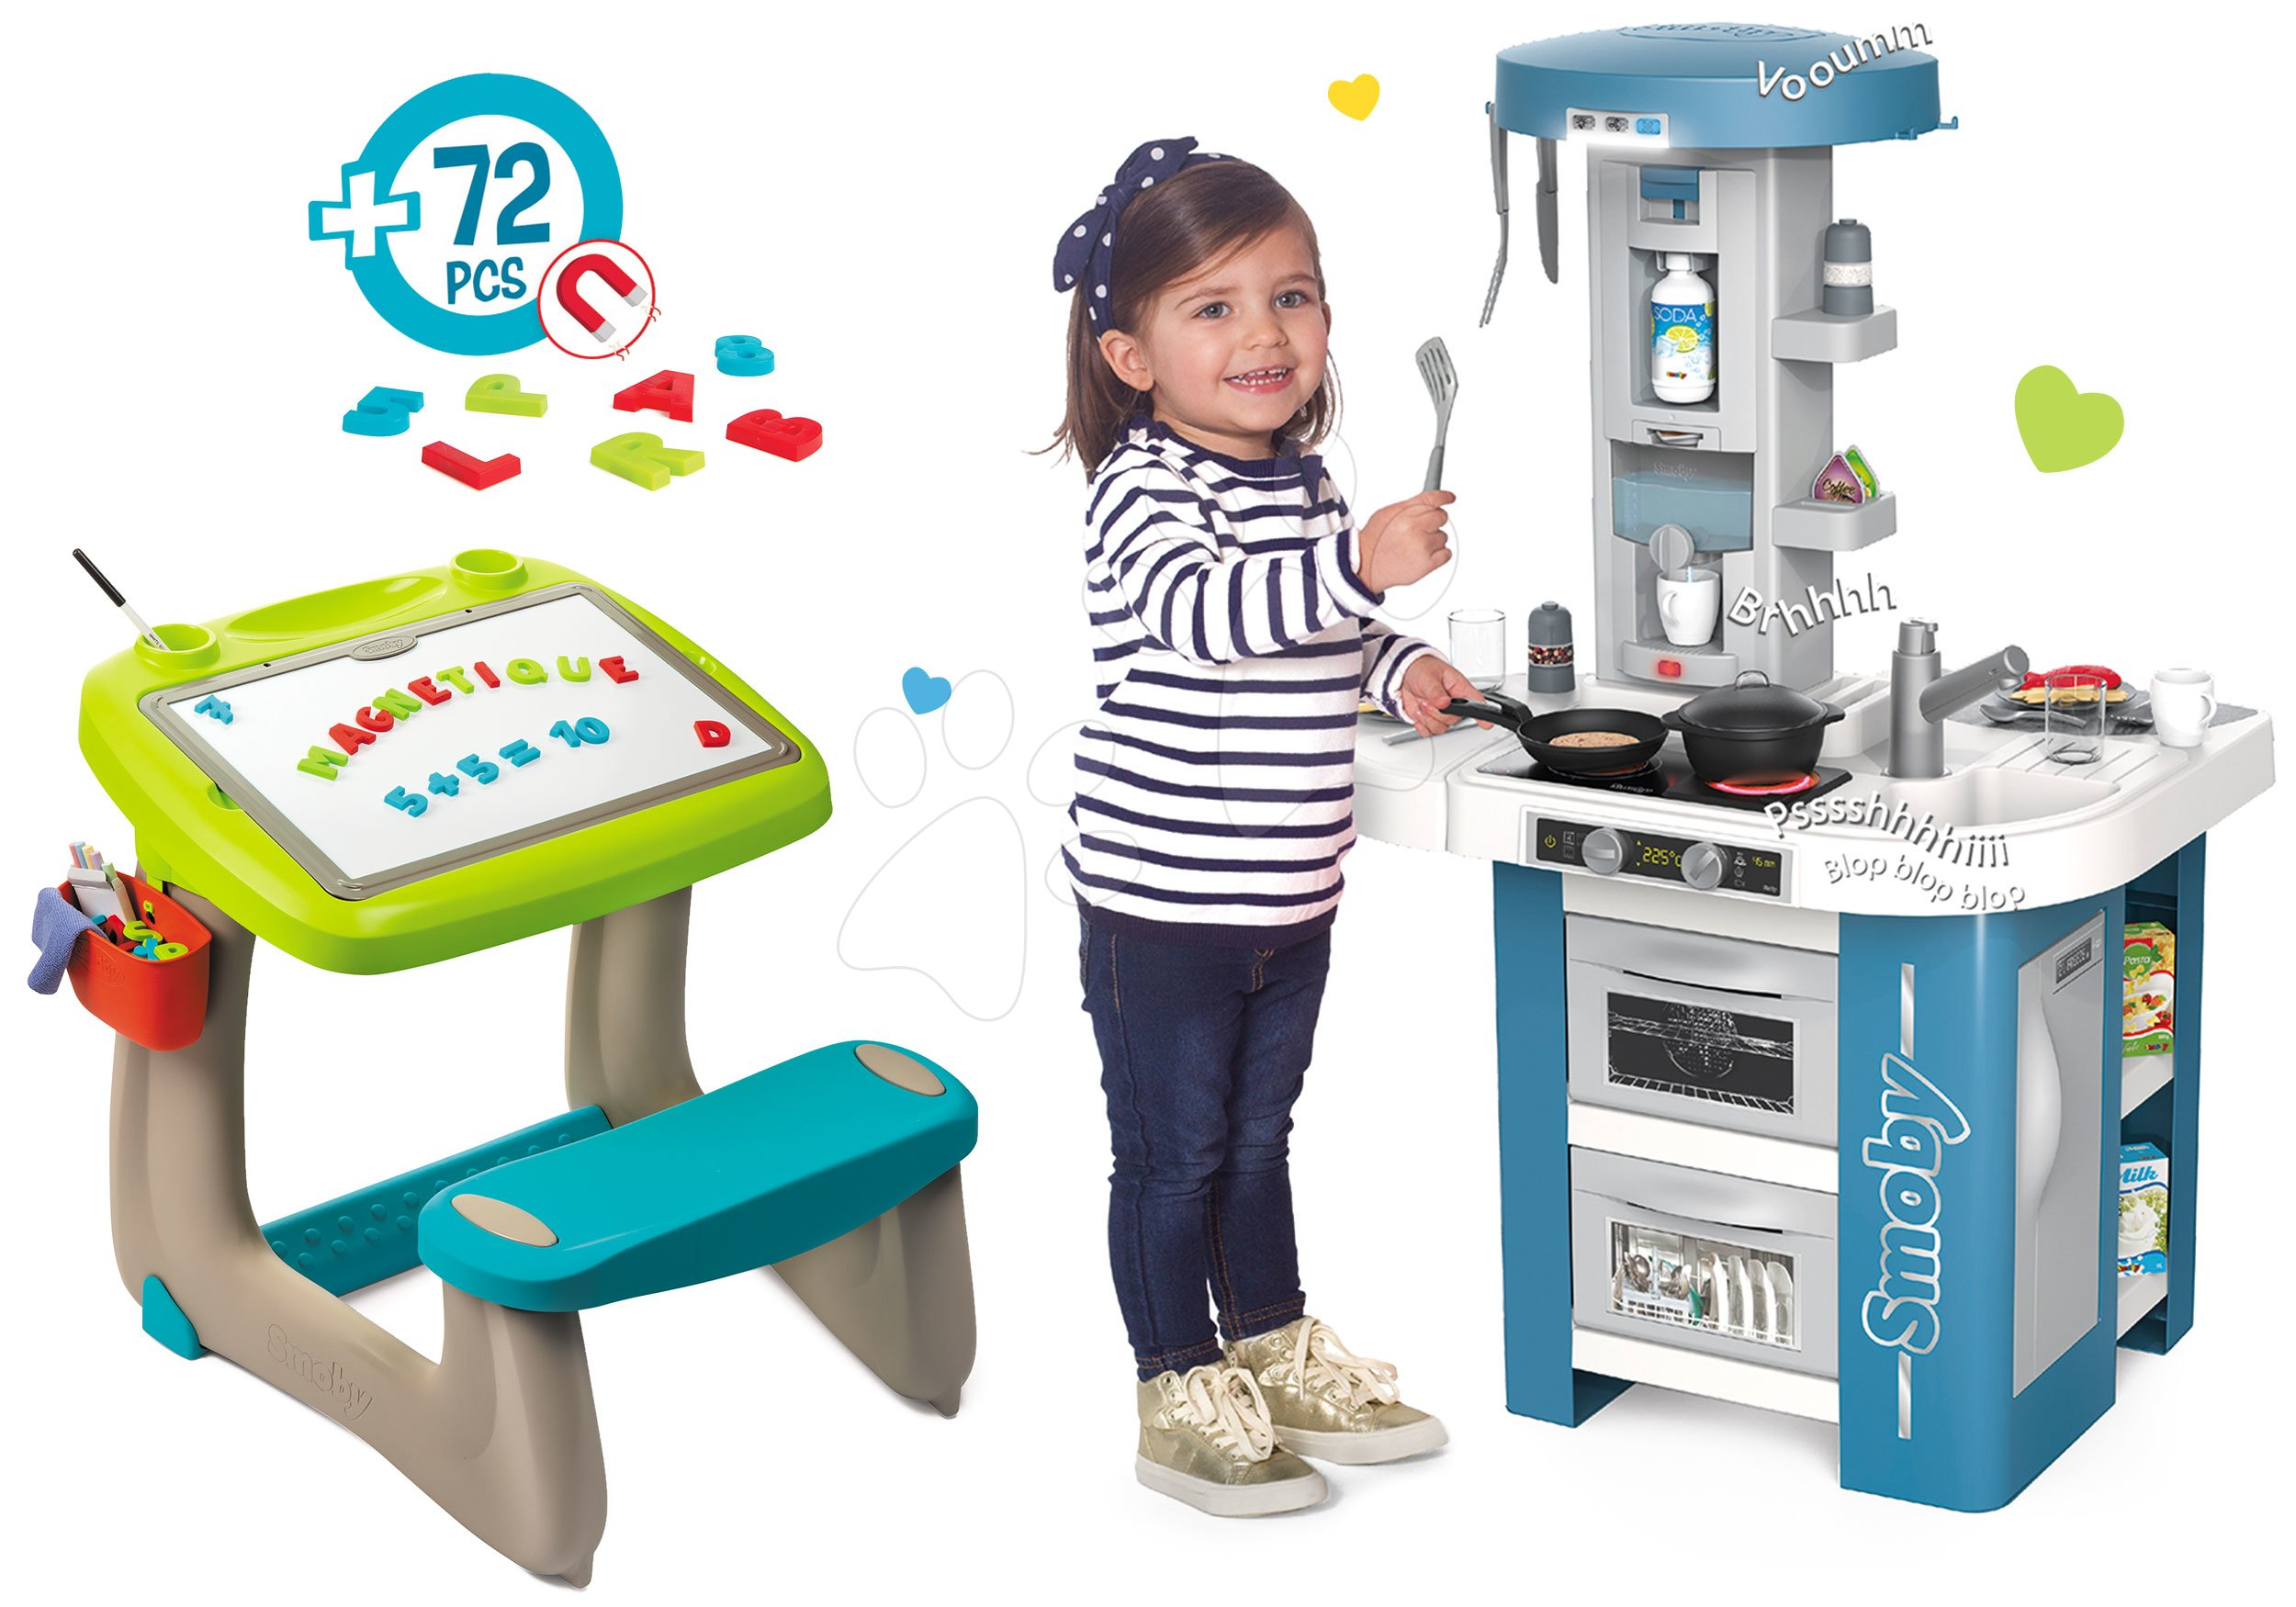 Set lavica na kreslenie a magnetky Little Pupils Desk Smoby s obojstrannou tabuľou a elektronická kuchynka Tech a magnetické písmenká Abeceda